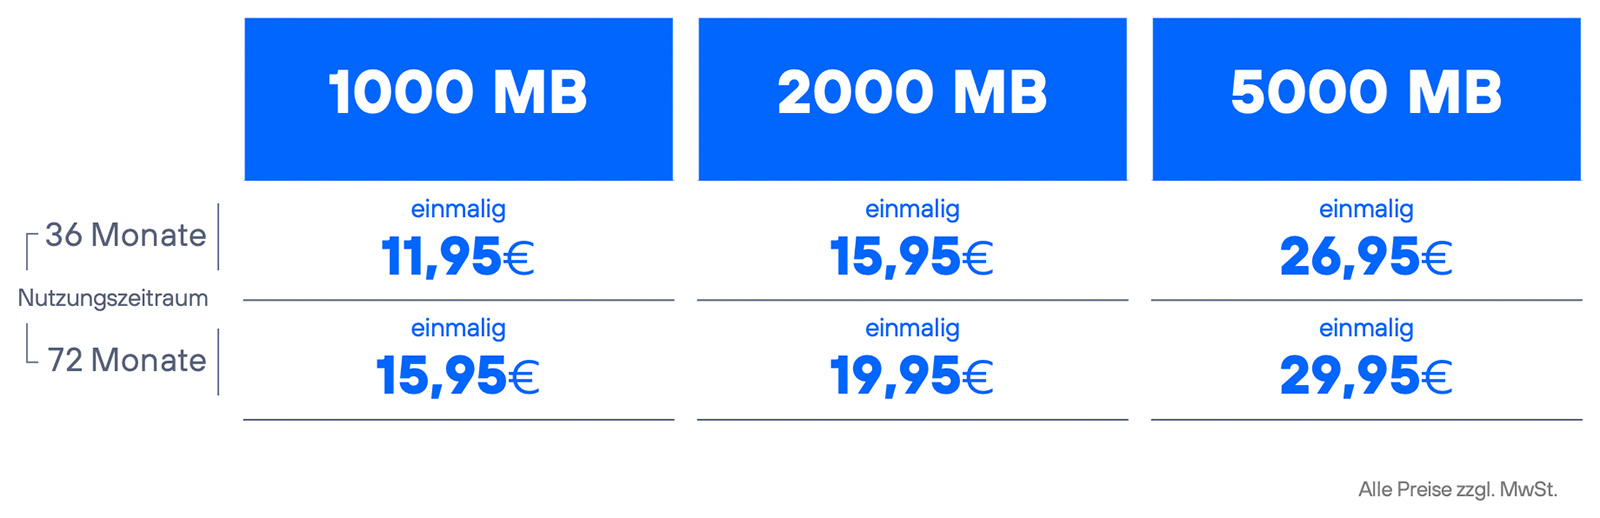 Preise-IoT_Connect_Prepaid